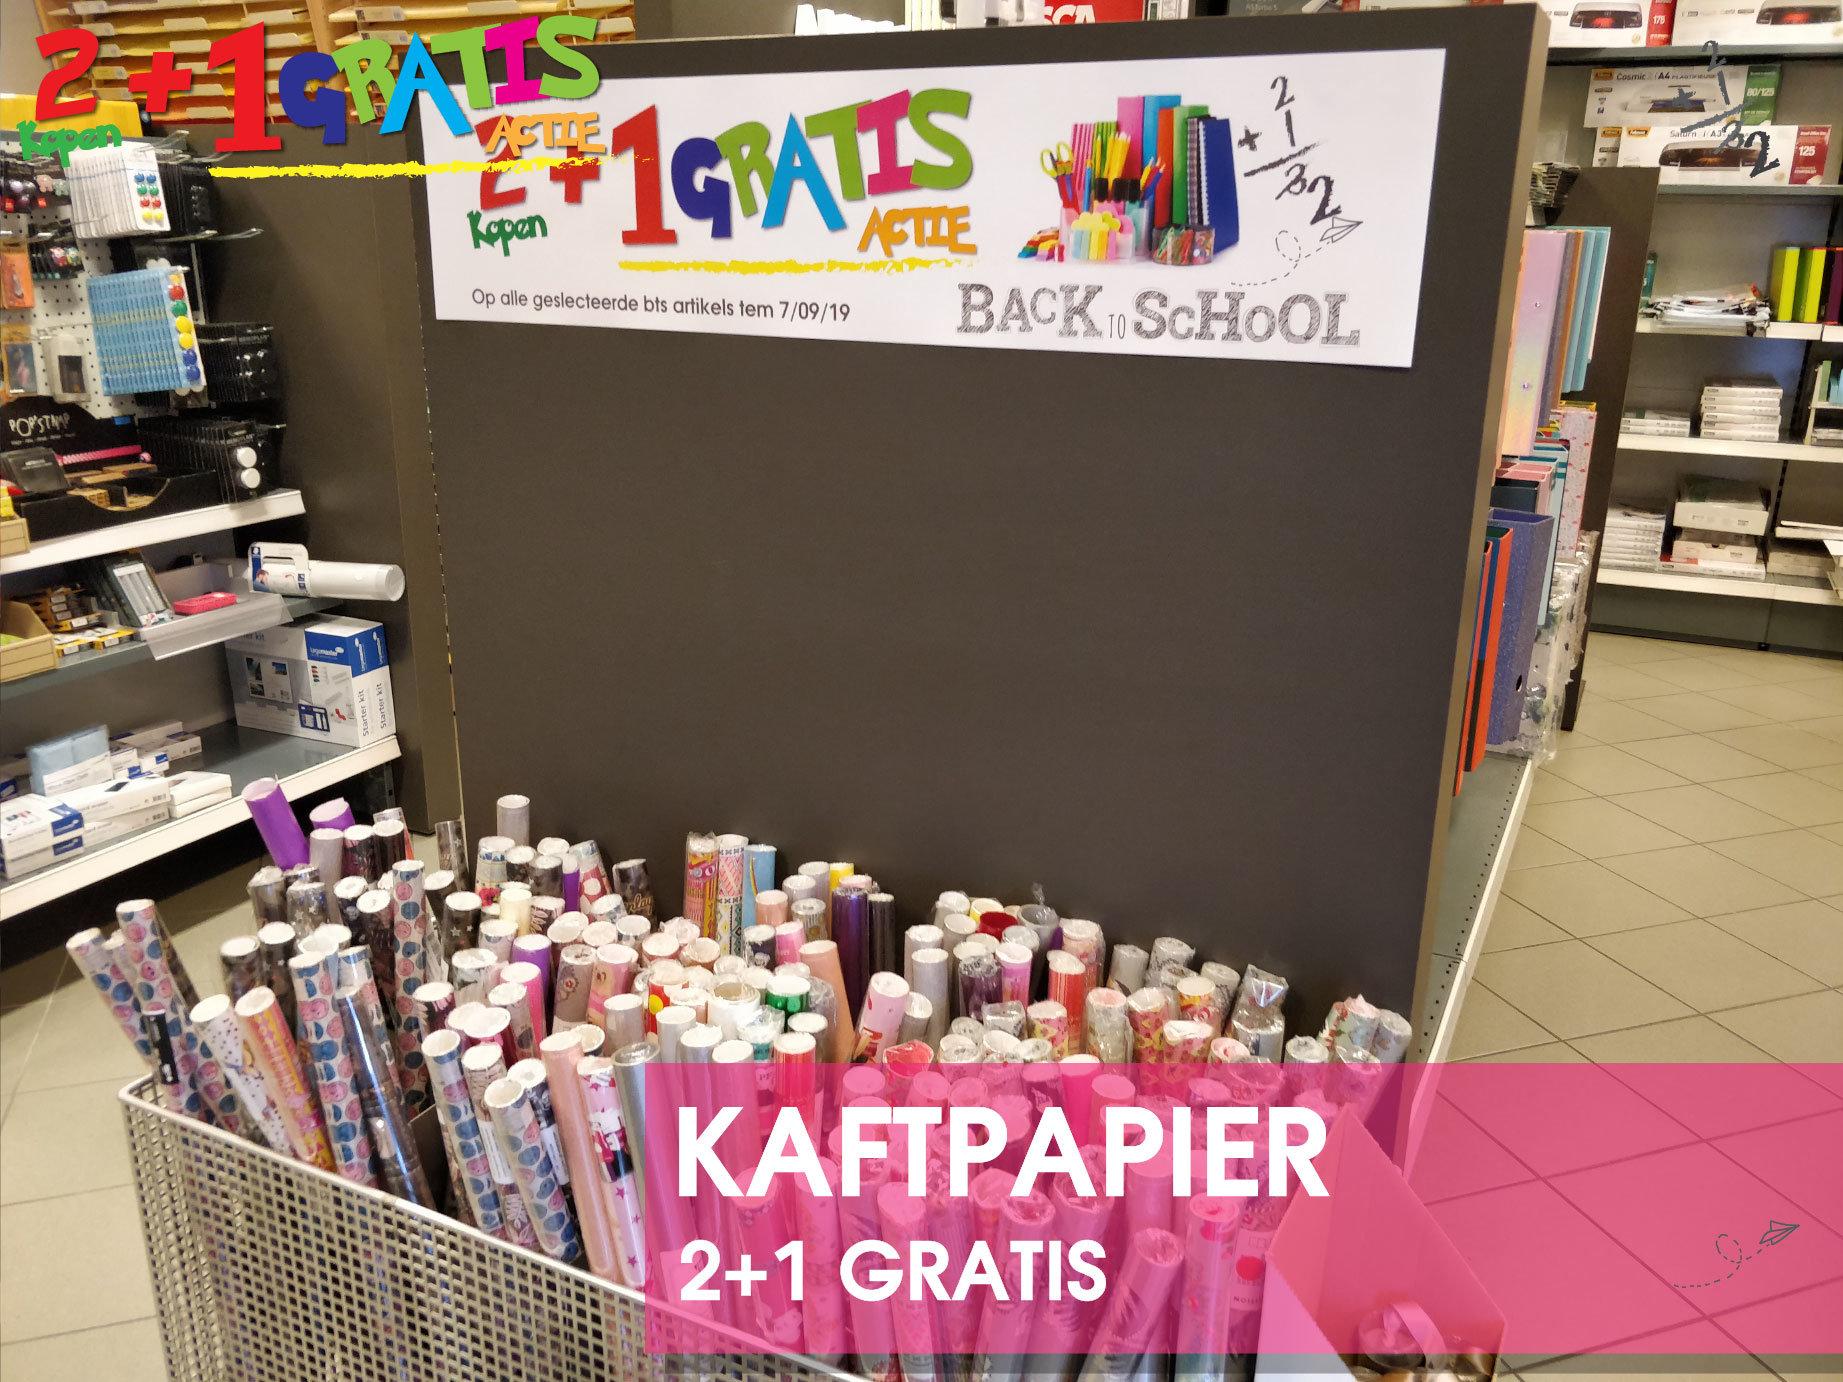 Marcelis-School-materiaal-kaftpapier-promo-2+1-gratis-actie